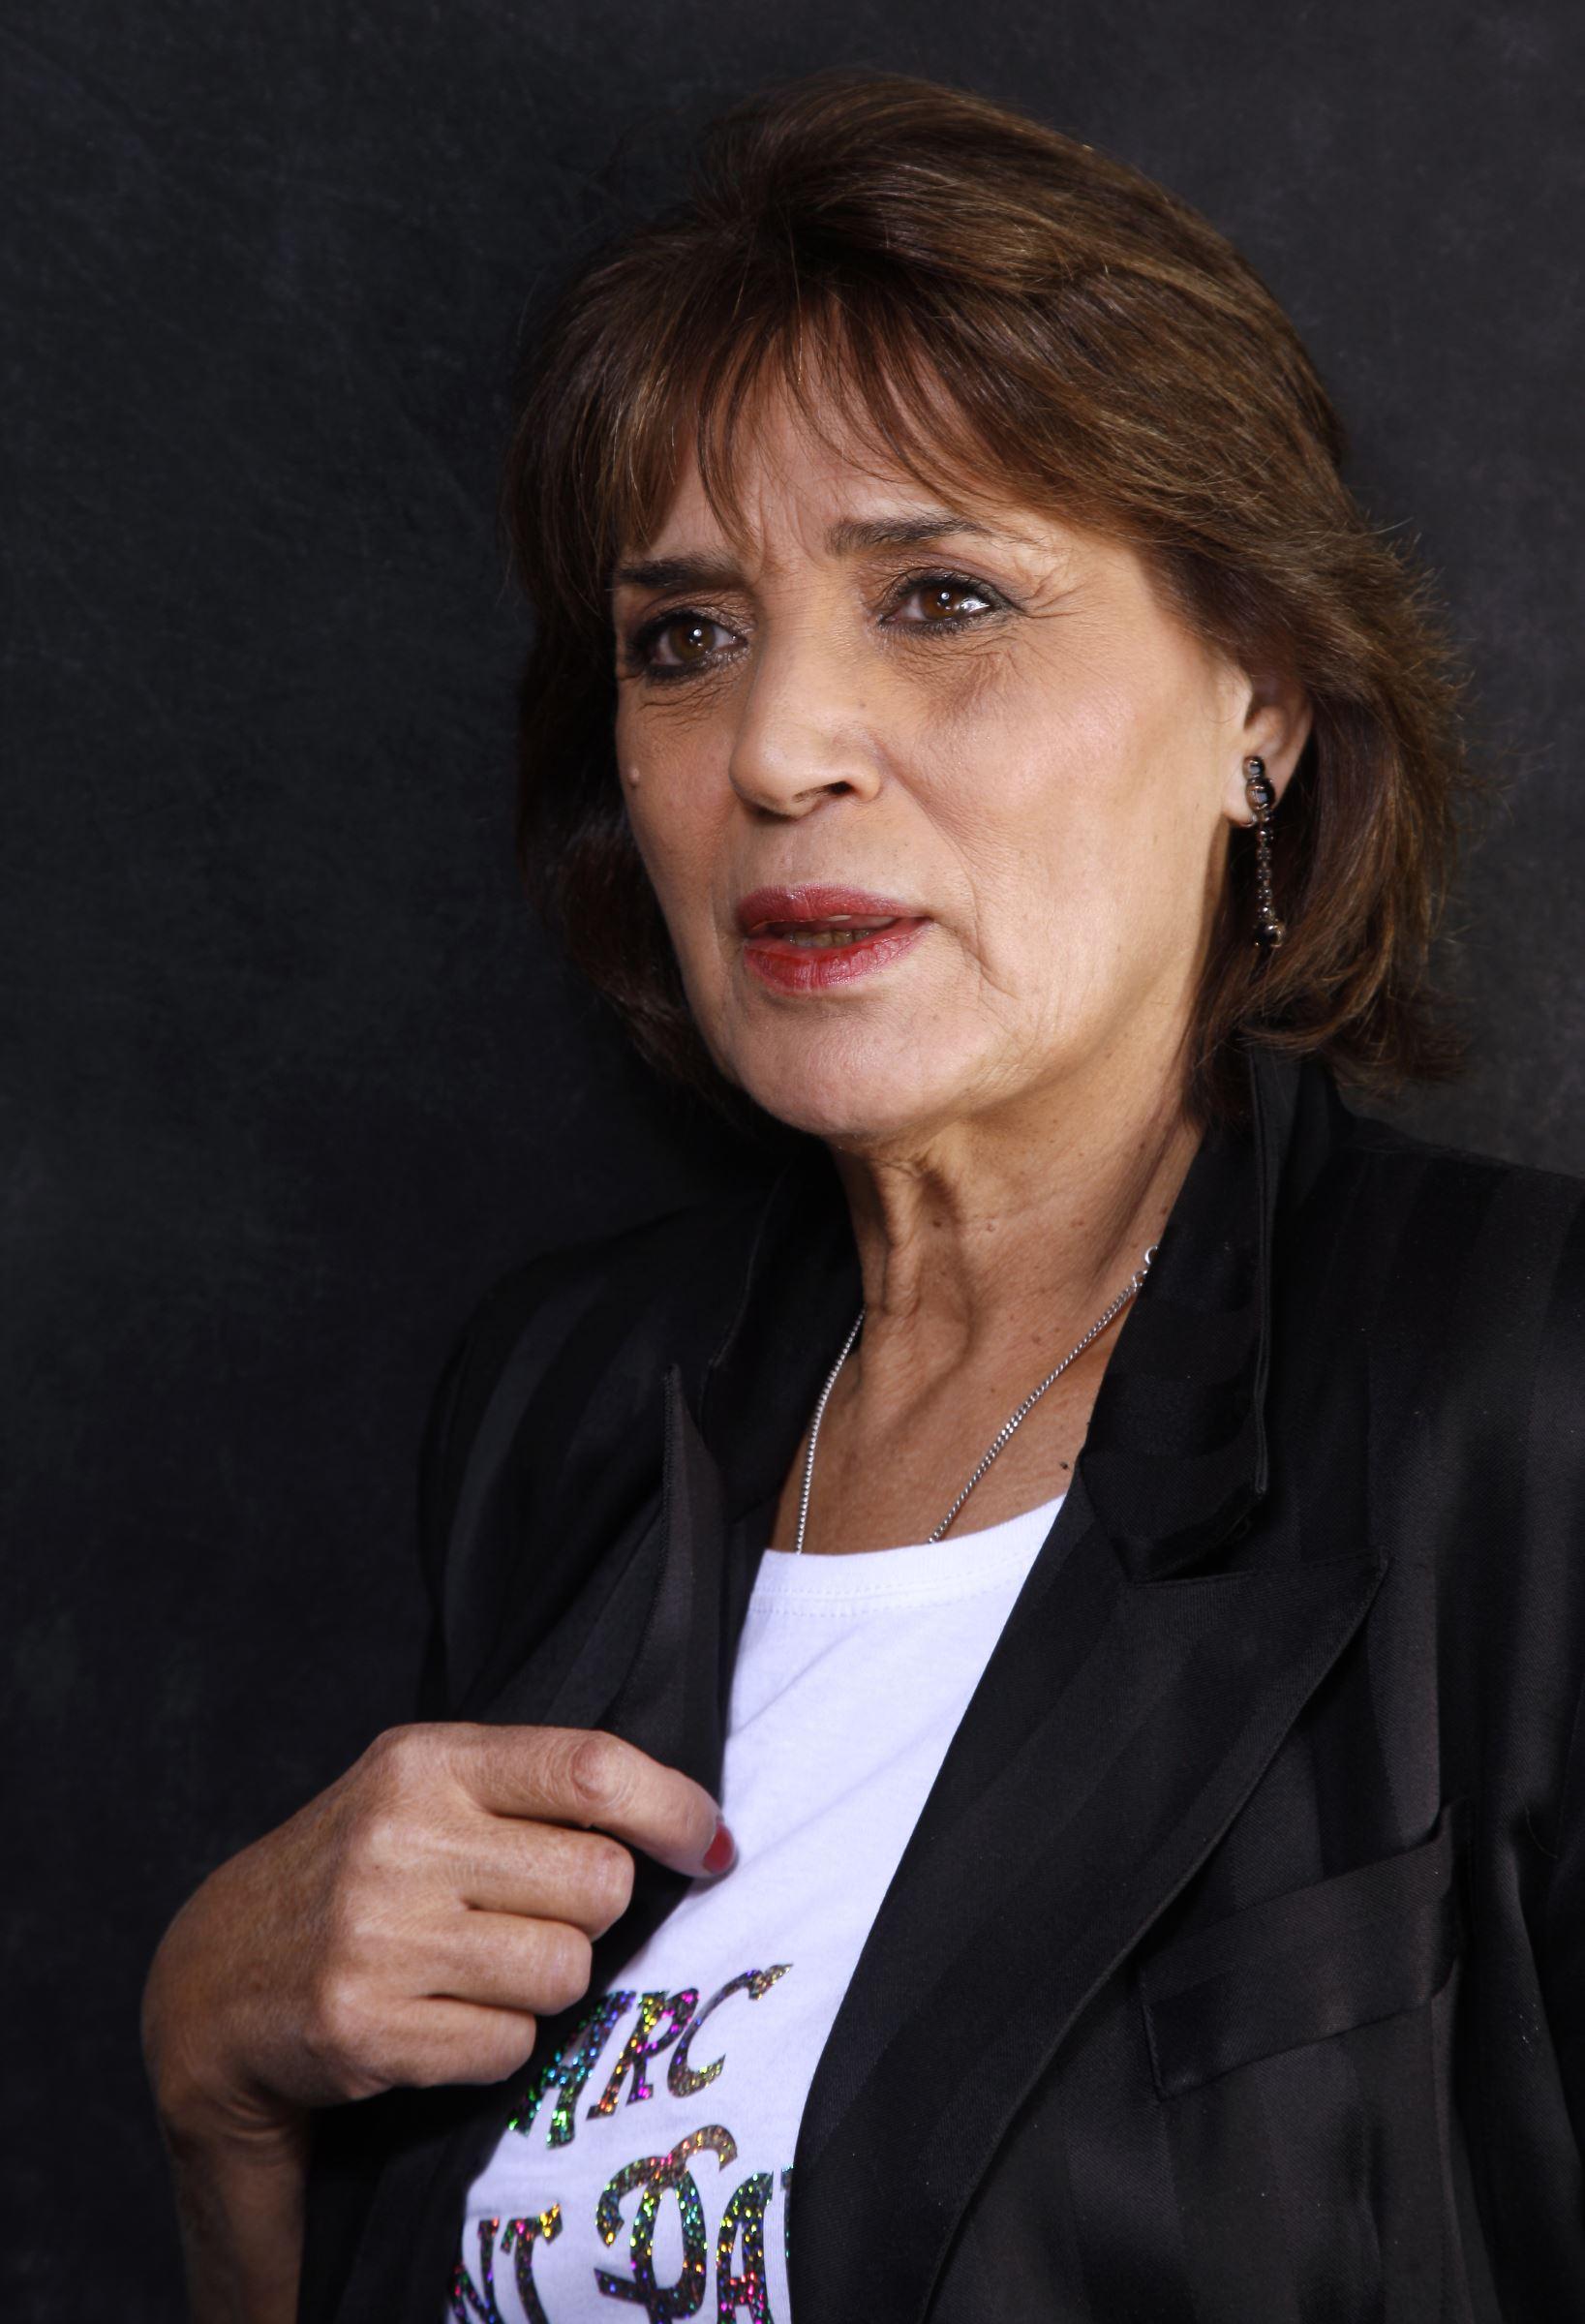 Que Devient Linda De Suza : devient, linda, Linda, Révèle, Avoir, Tenté, Suicider, Cause..., Closer